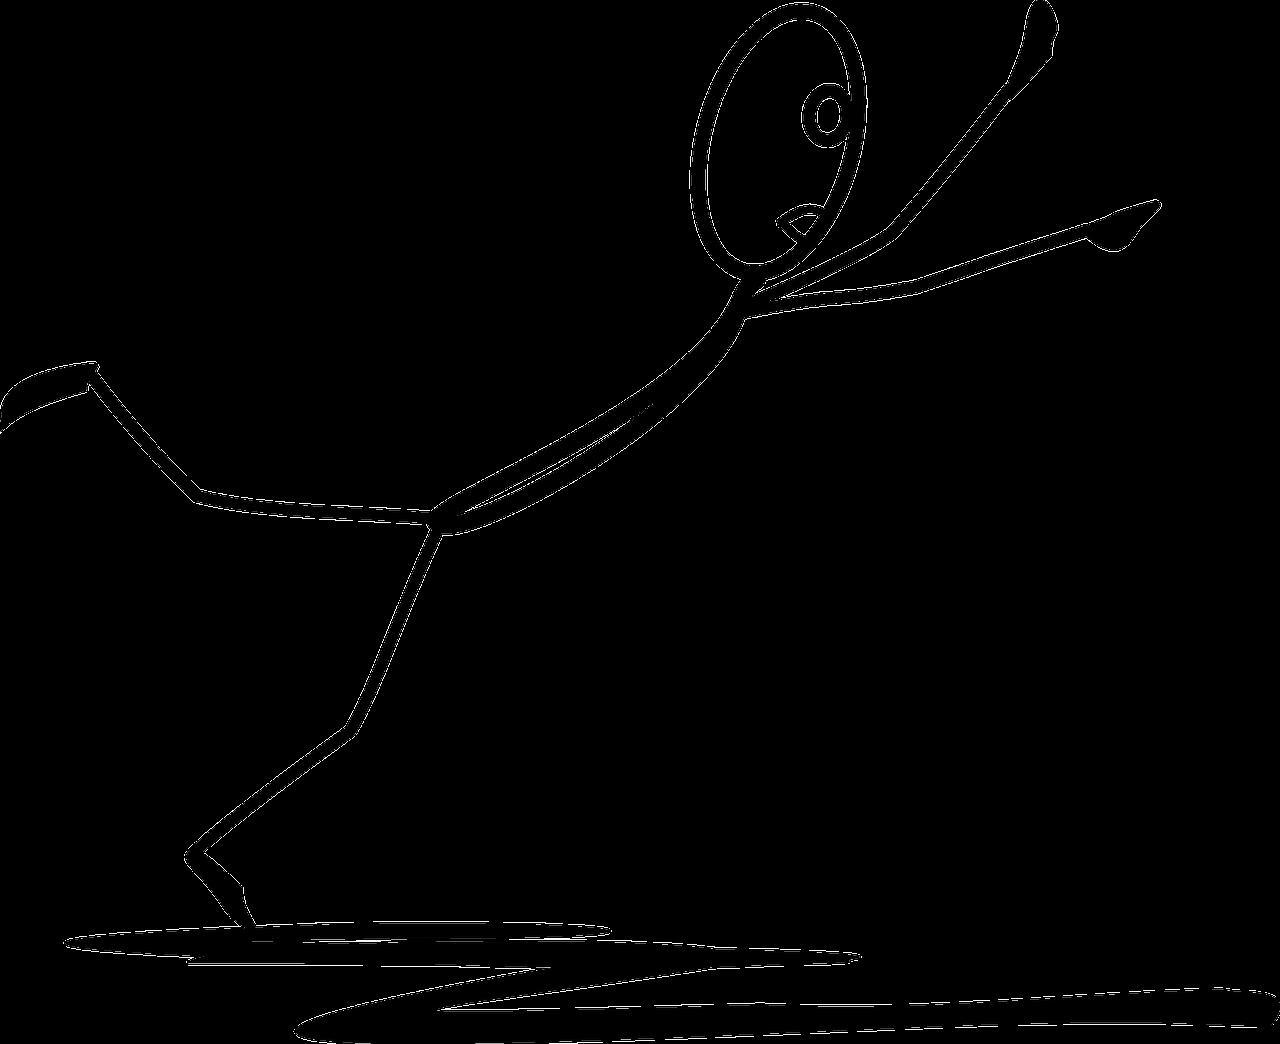 танца картинки человечки палочки смешные отворотом для регулировки